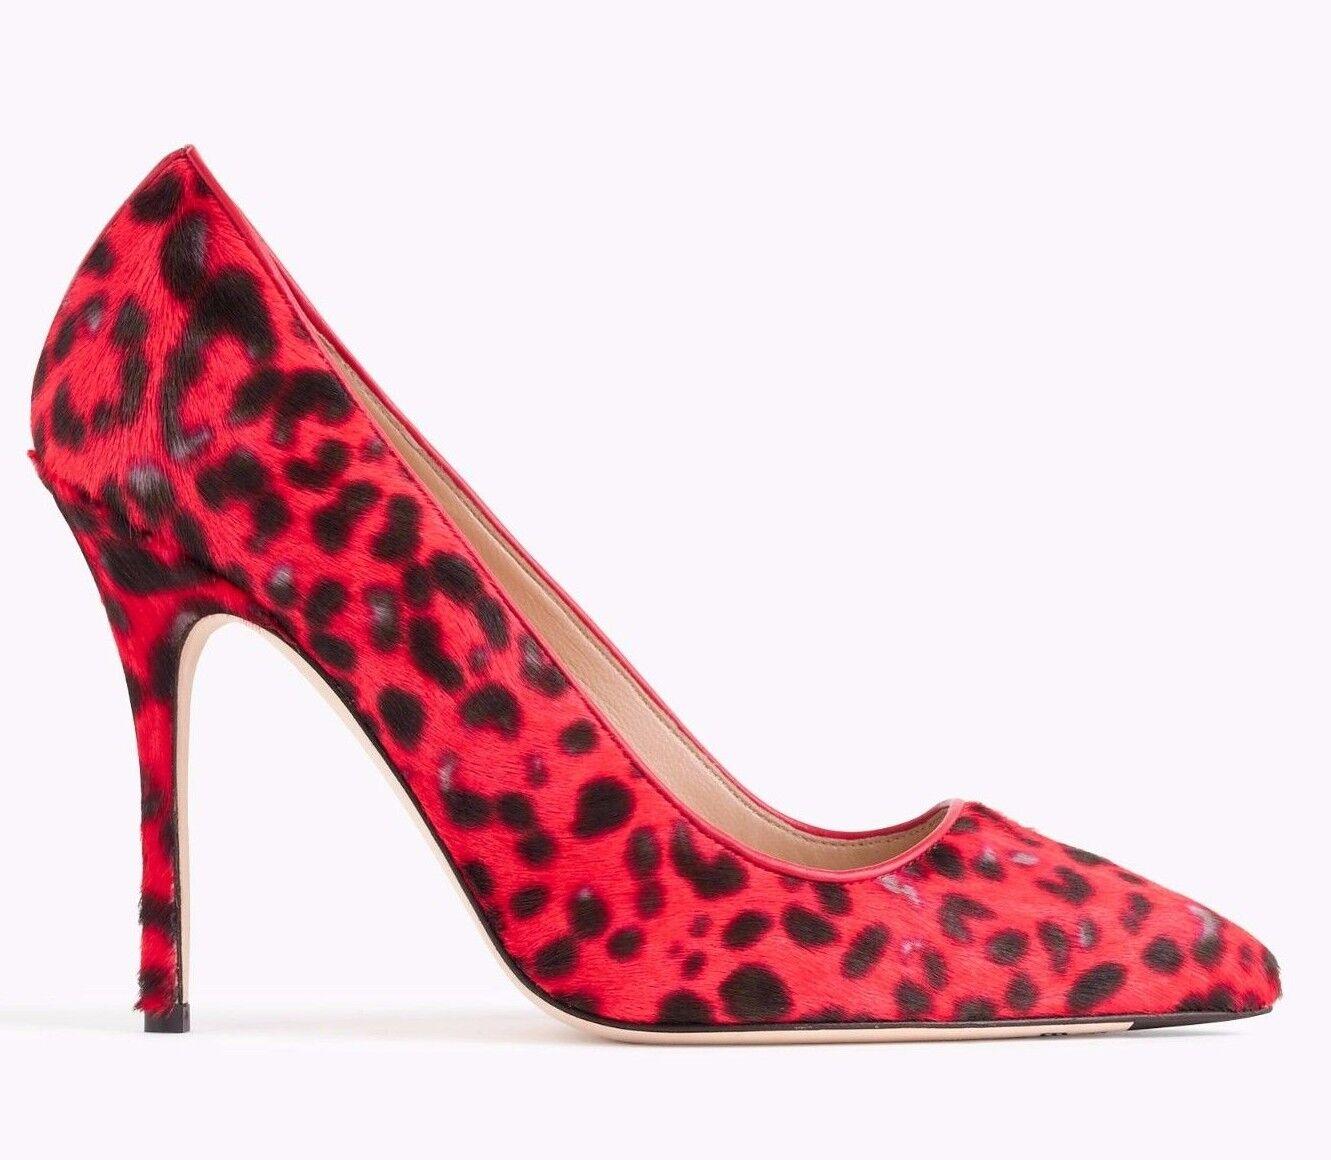 Jcrew Colección Roxie calfhair Rojo Leopardo Zapatos Bombas Tacones Talla Talla Talla 7  465 Italia  el estilo clásico